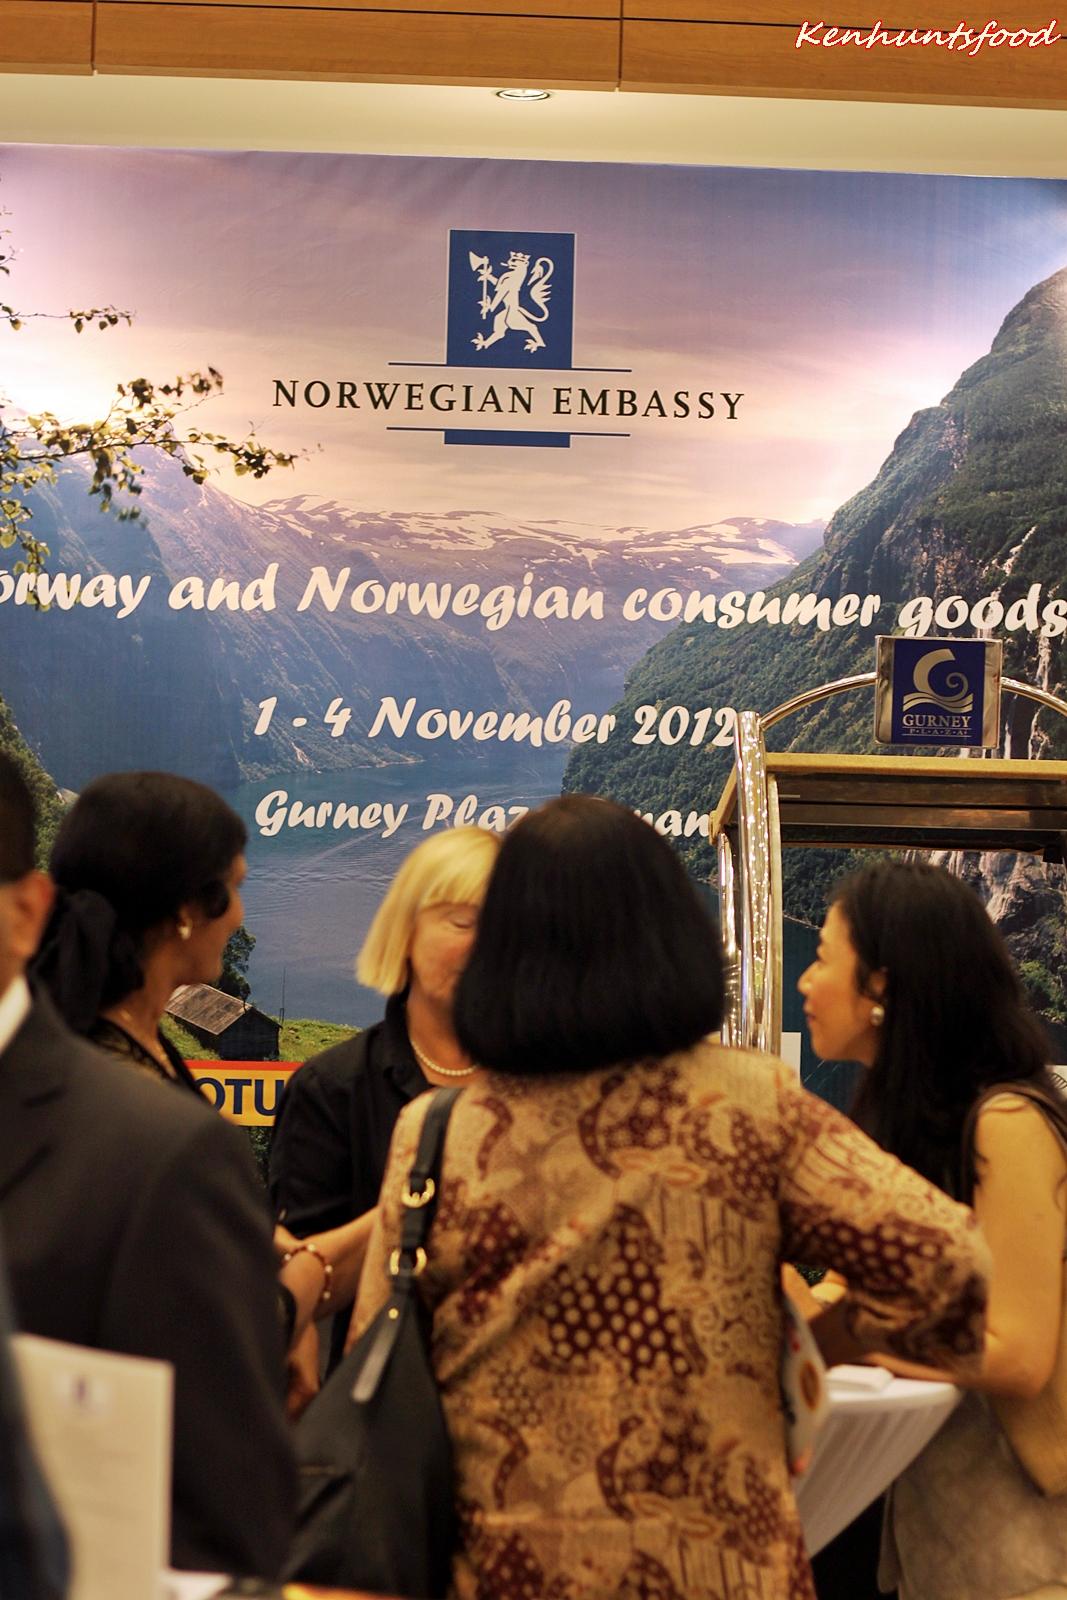 D Exhibition Penang : Ken hunts food: norway and norwegian consumer goods exhibition